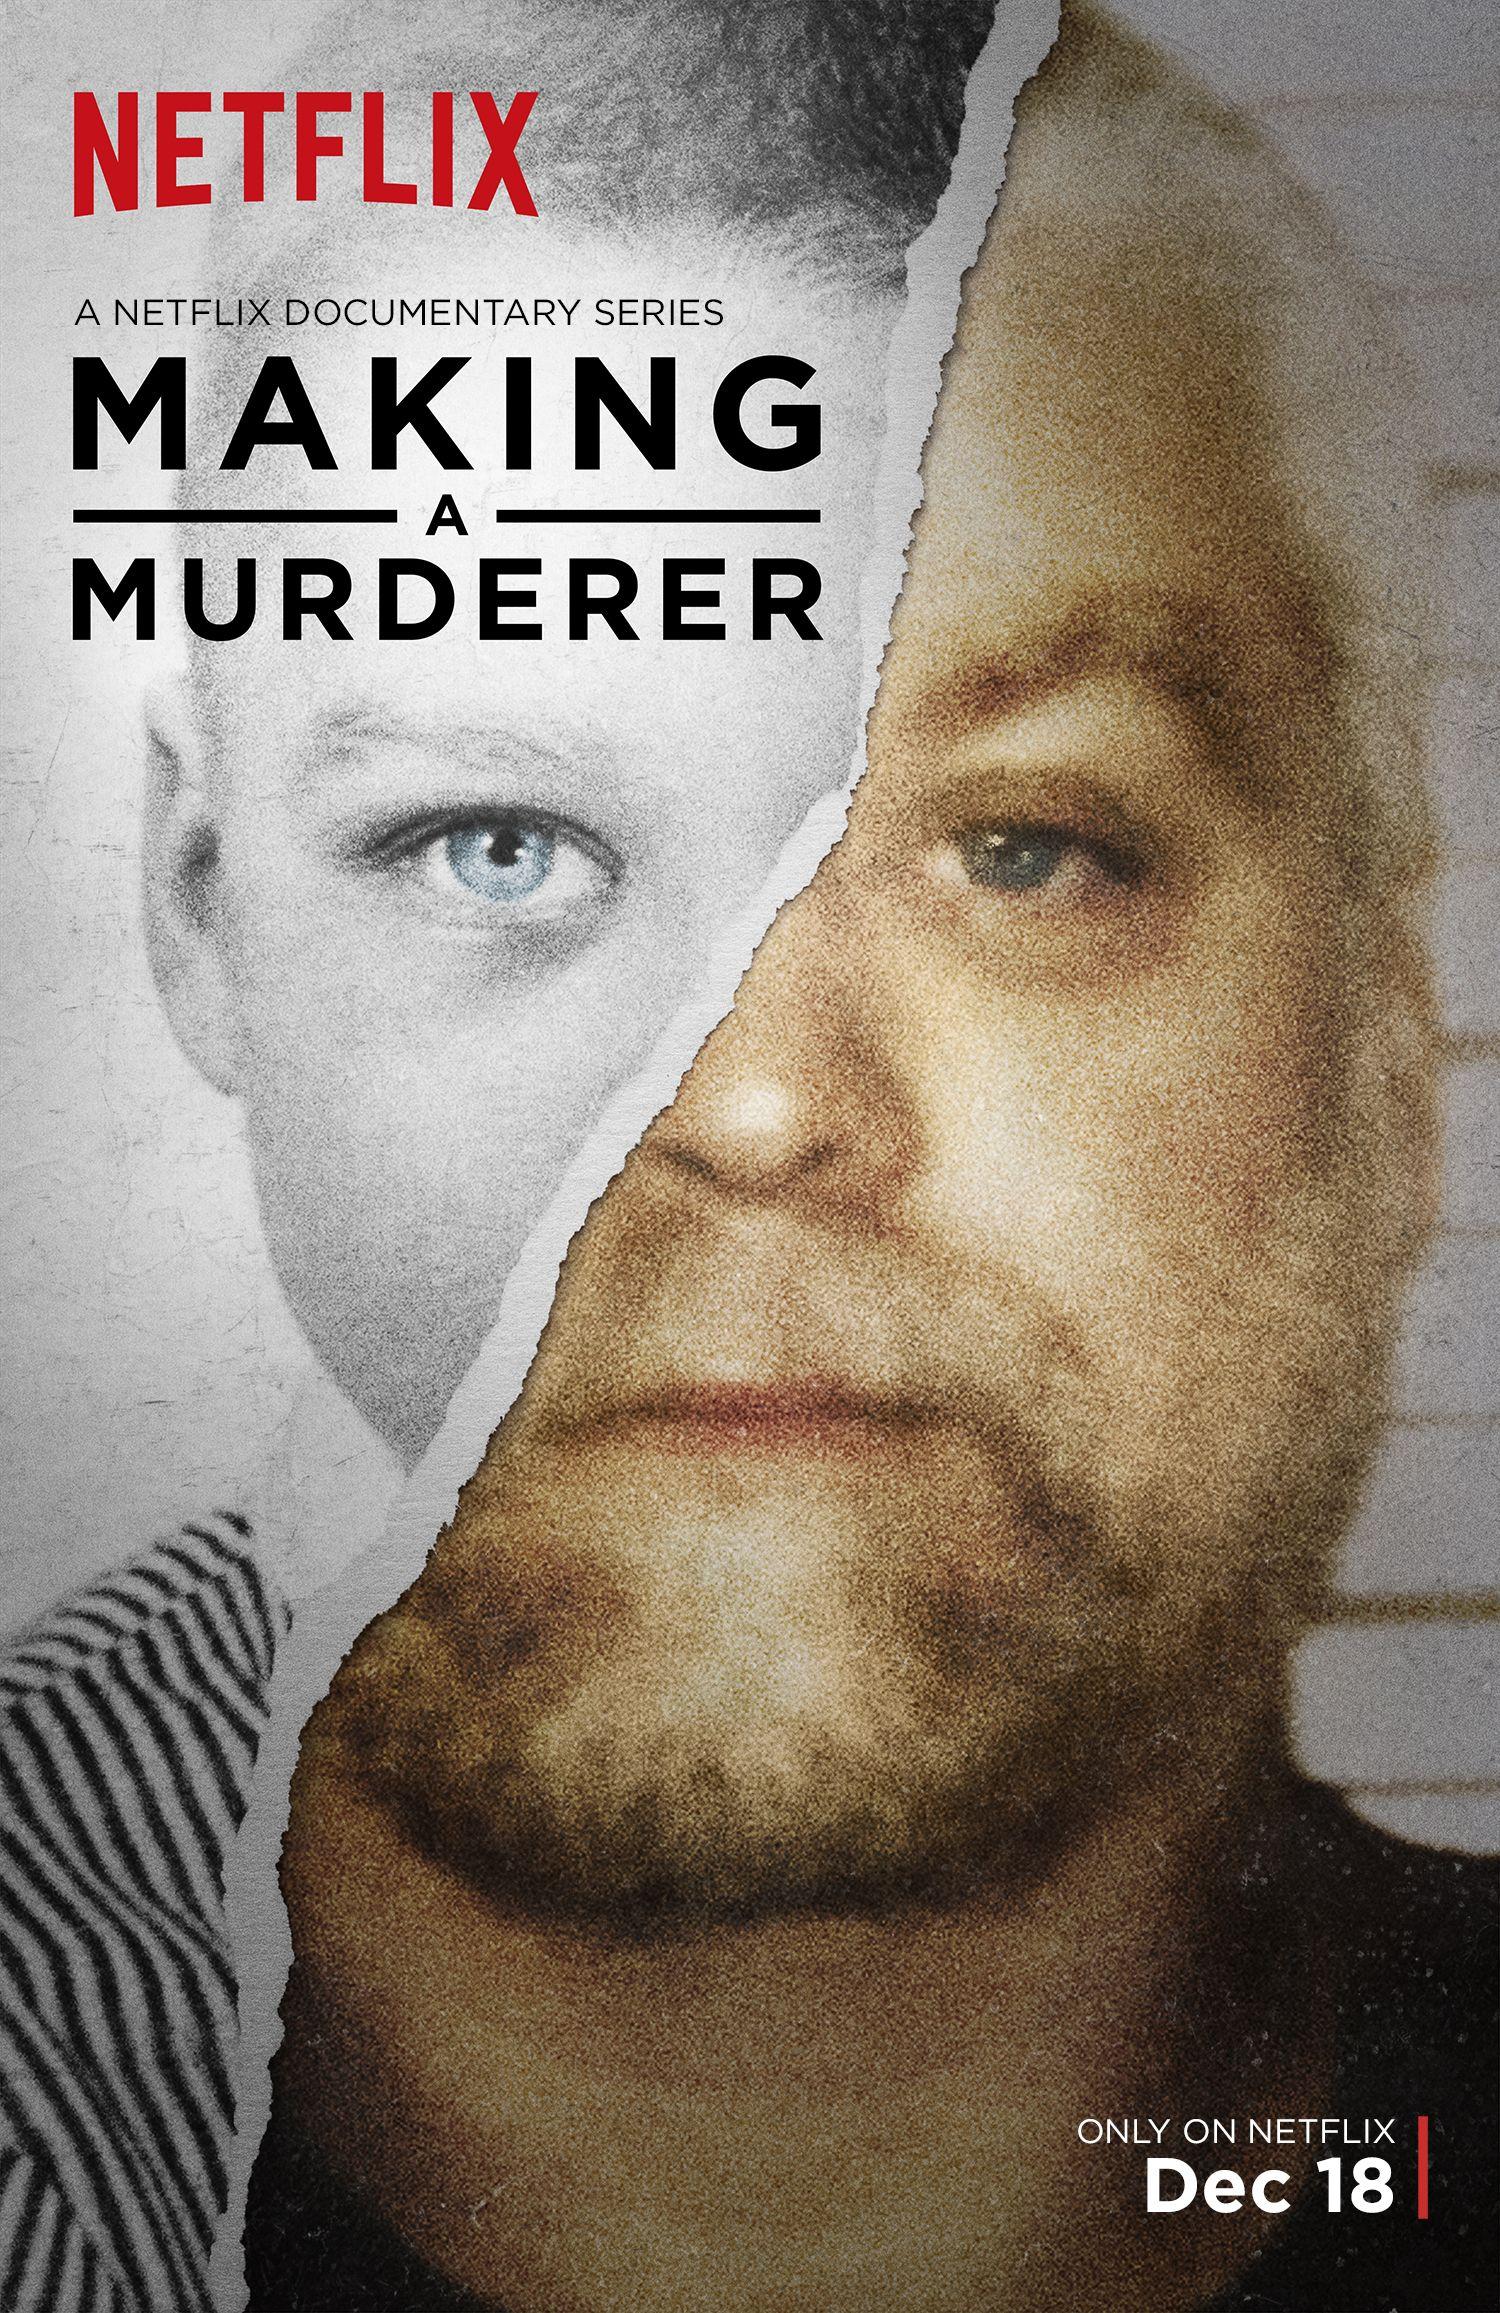 Netflix Making a Murderer Steven Avery